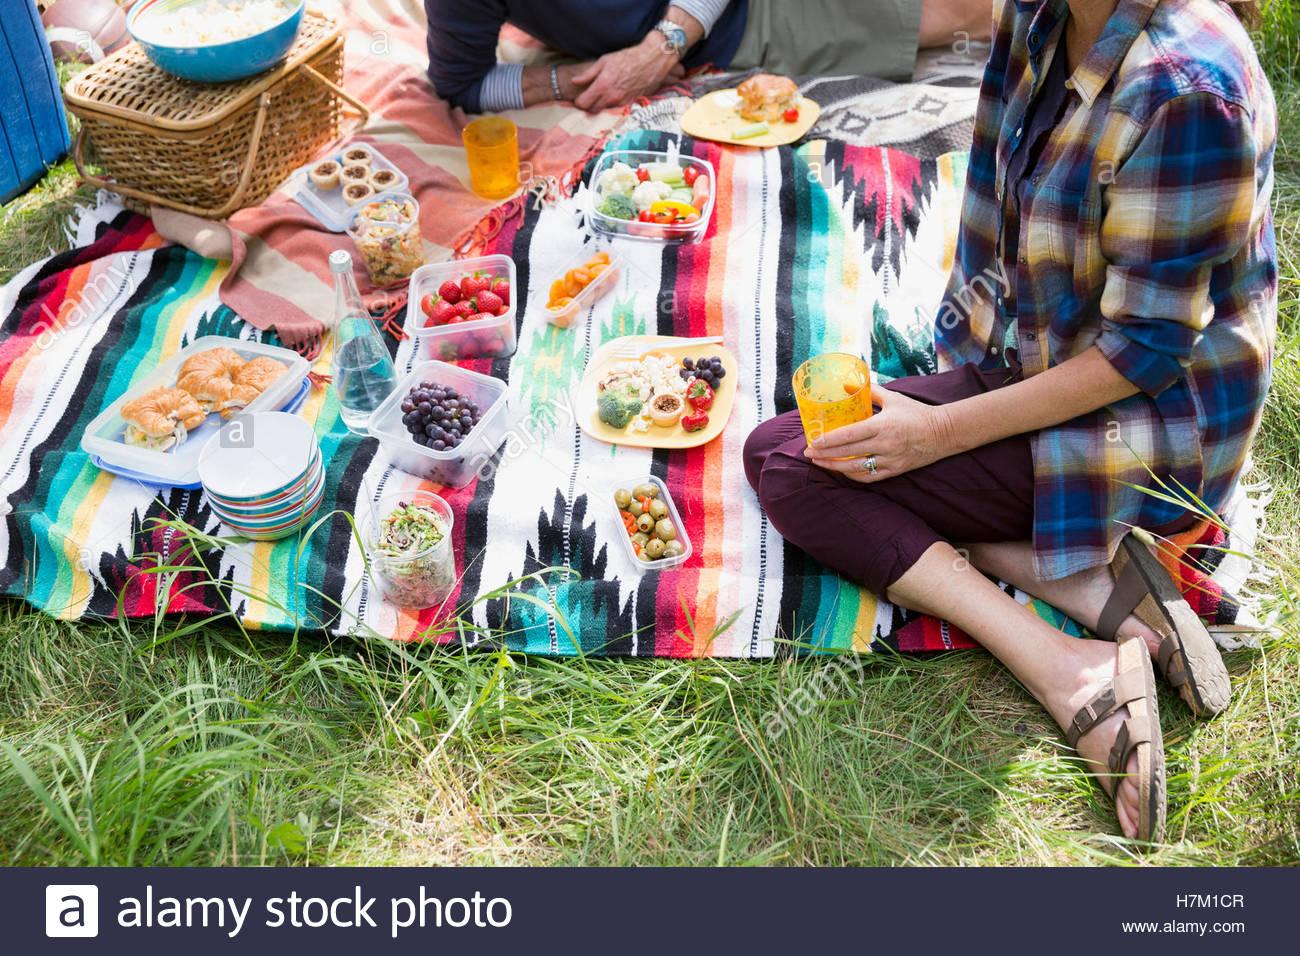 Couple enjoying picnic on blanket - Stock Image